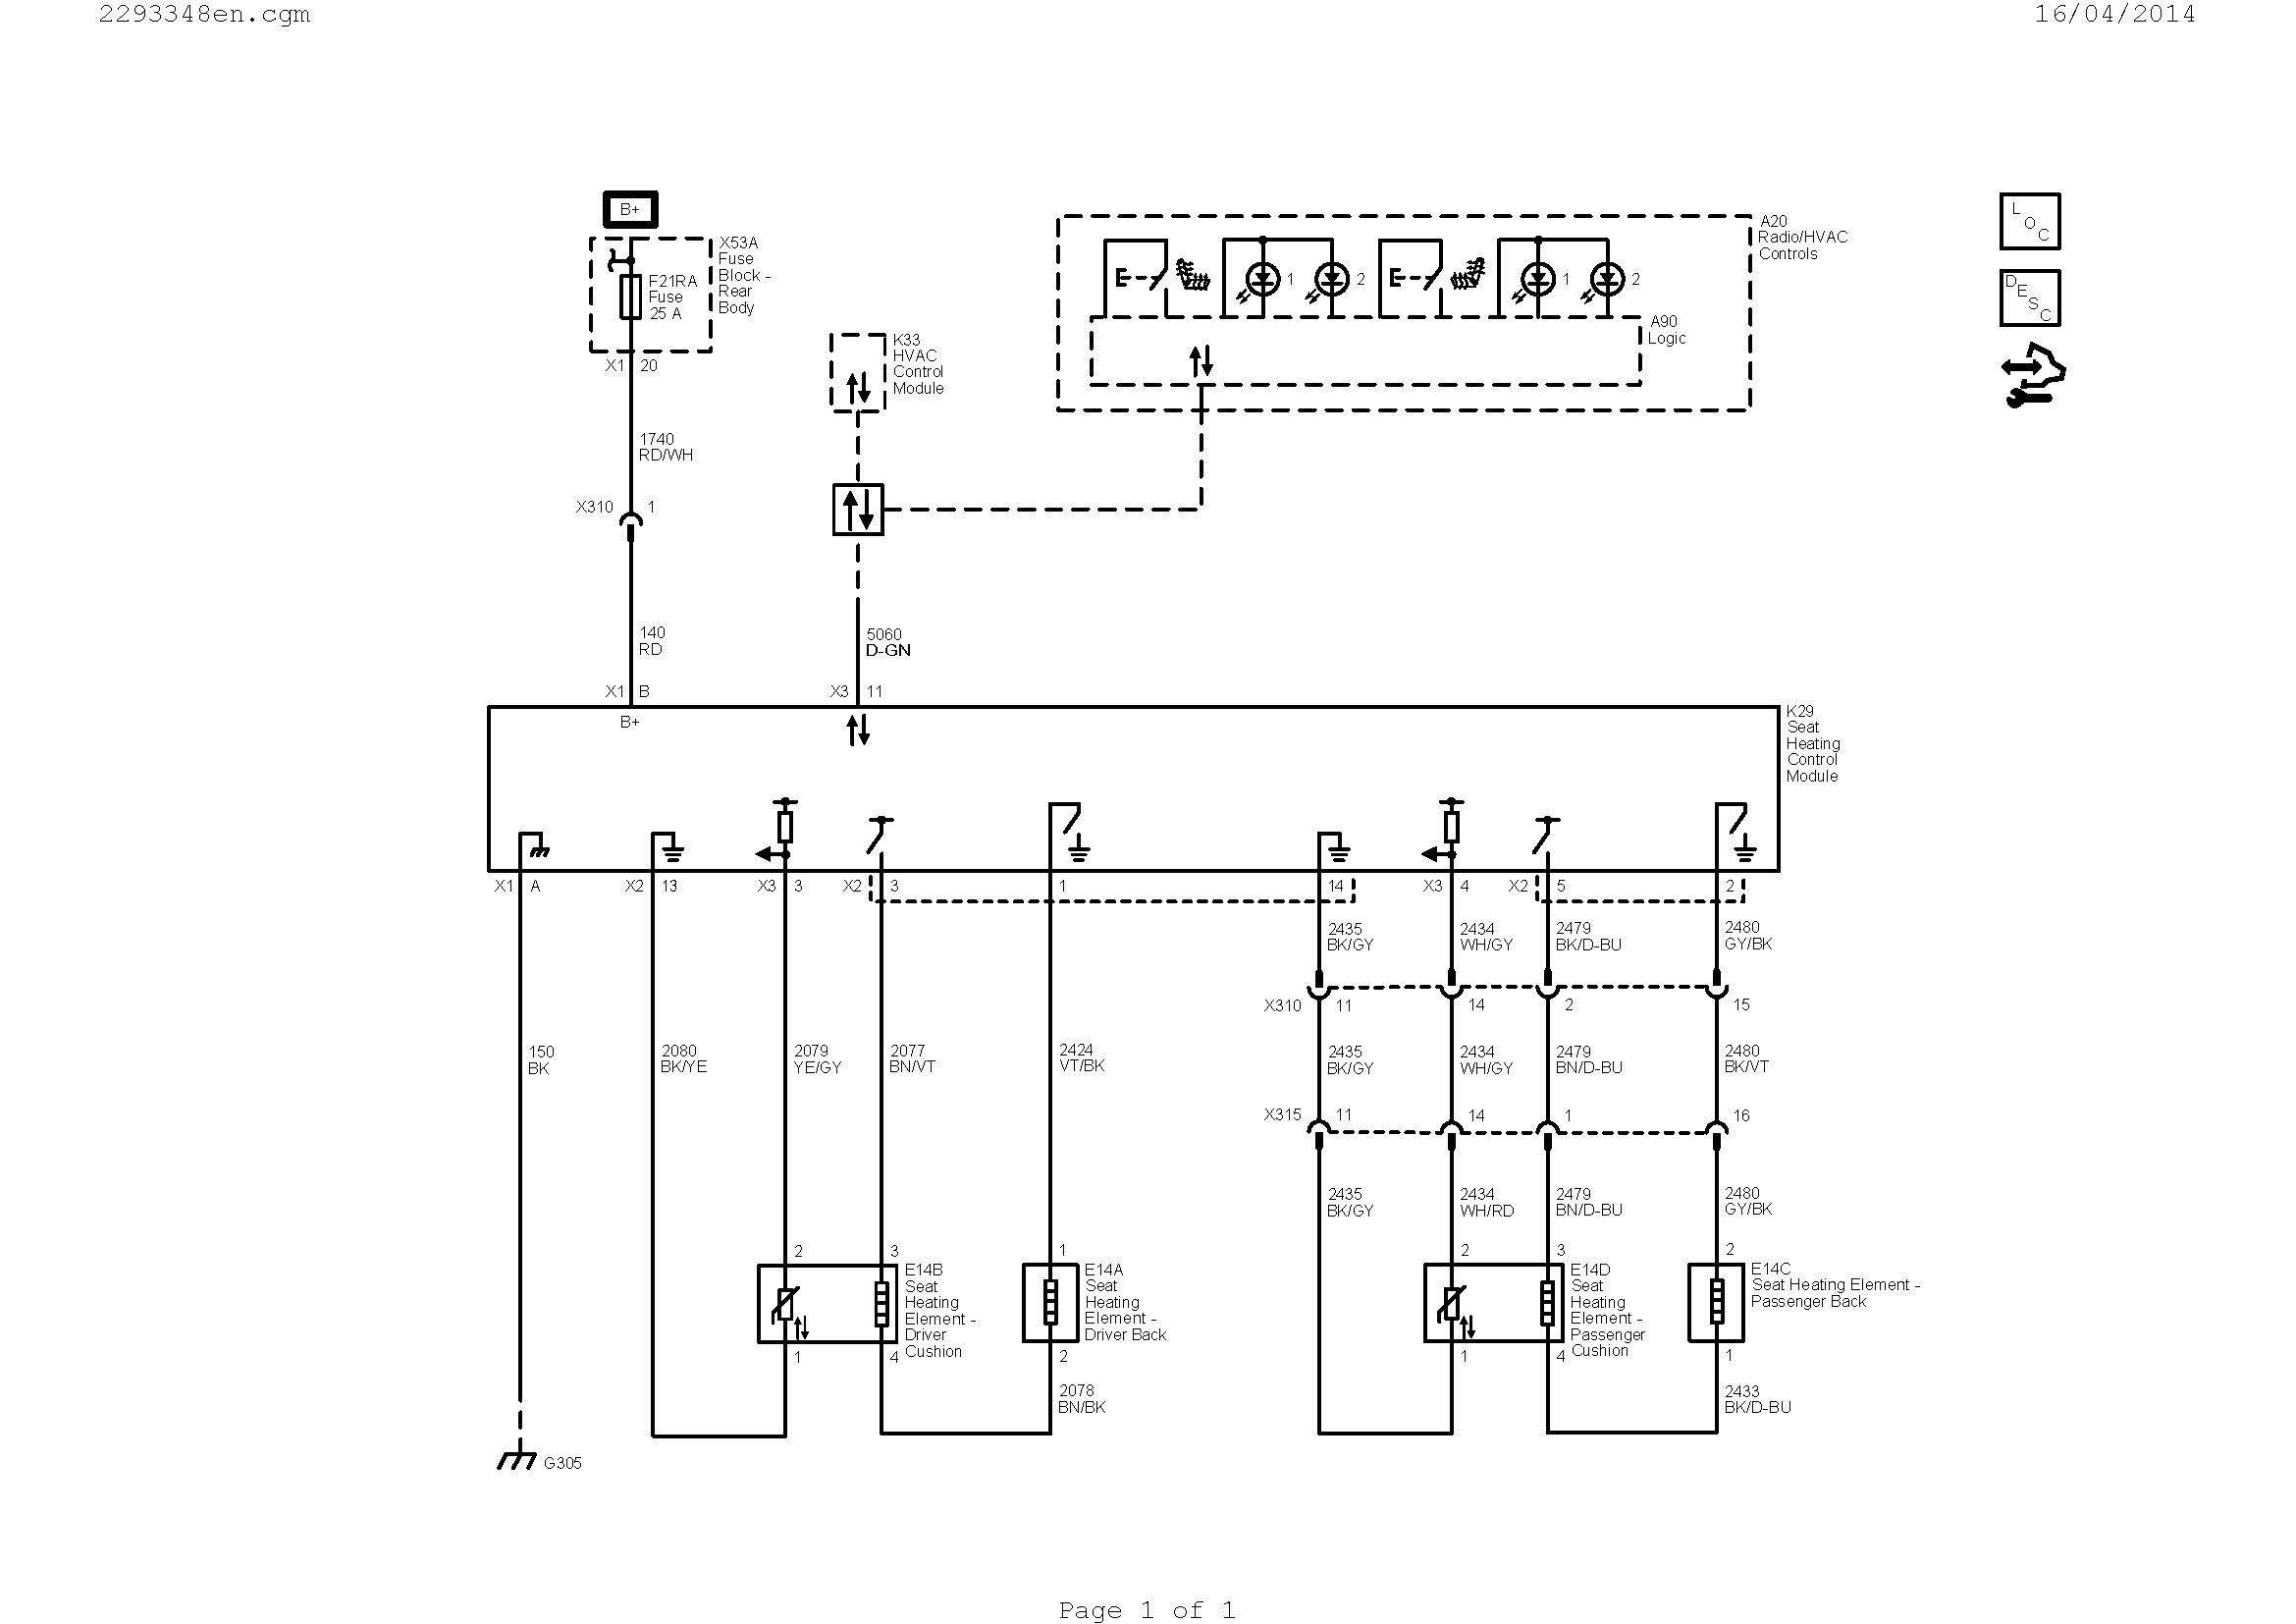 Wiring Diagram Les Paul Simple Wiring Diagram Guitar Fresh Hvac Diagram  Best Hvac Diagram 0d